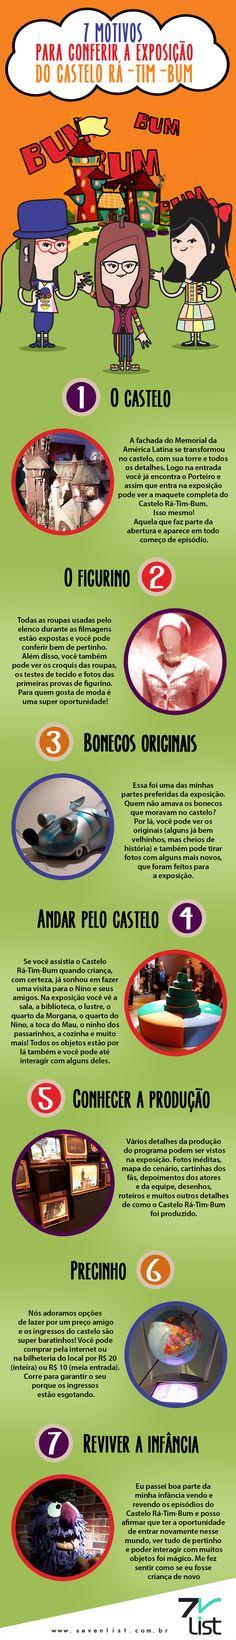 E mais uma exposição super bacana está acontecendo em São Paulo: Rá-Tim-Bum, o Castelo. E é claro que o Seven List preparou uma lista especial para você, veja: 7 motivos para conferir a exposição do Castelo Rá-Tim-Bum. #SevenList #Ilustração #CasteloRáTimBum #Exposição #Infográfico #Lista #Figurino #Castelo #Elenco #Seriado #Produção #SãoPaulo